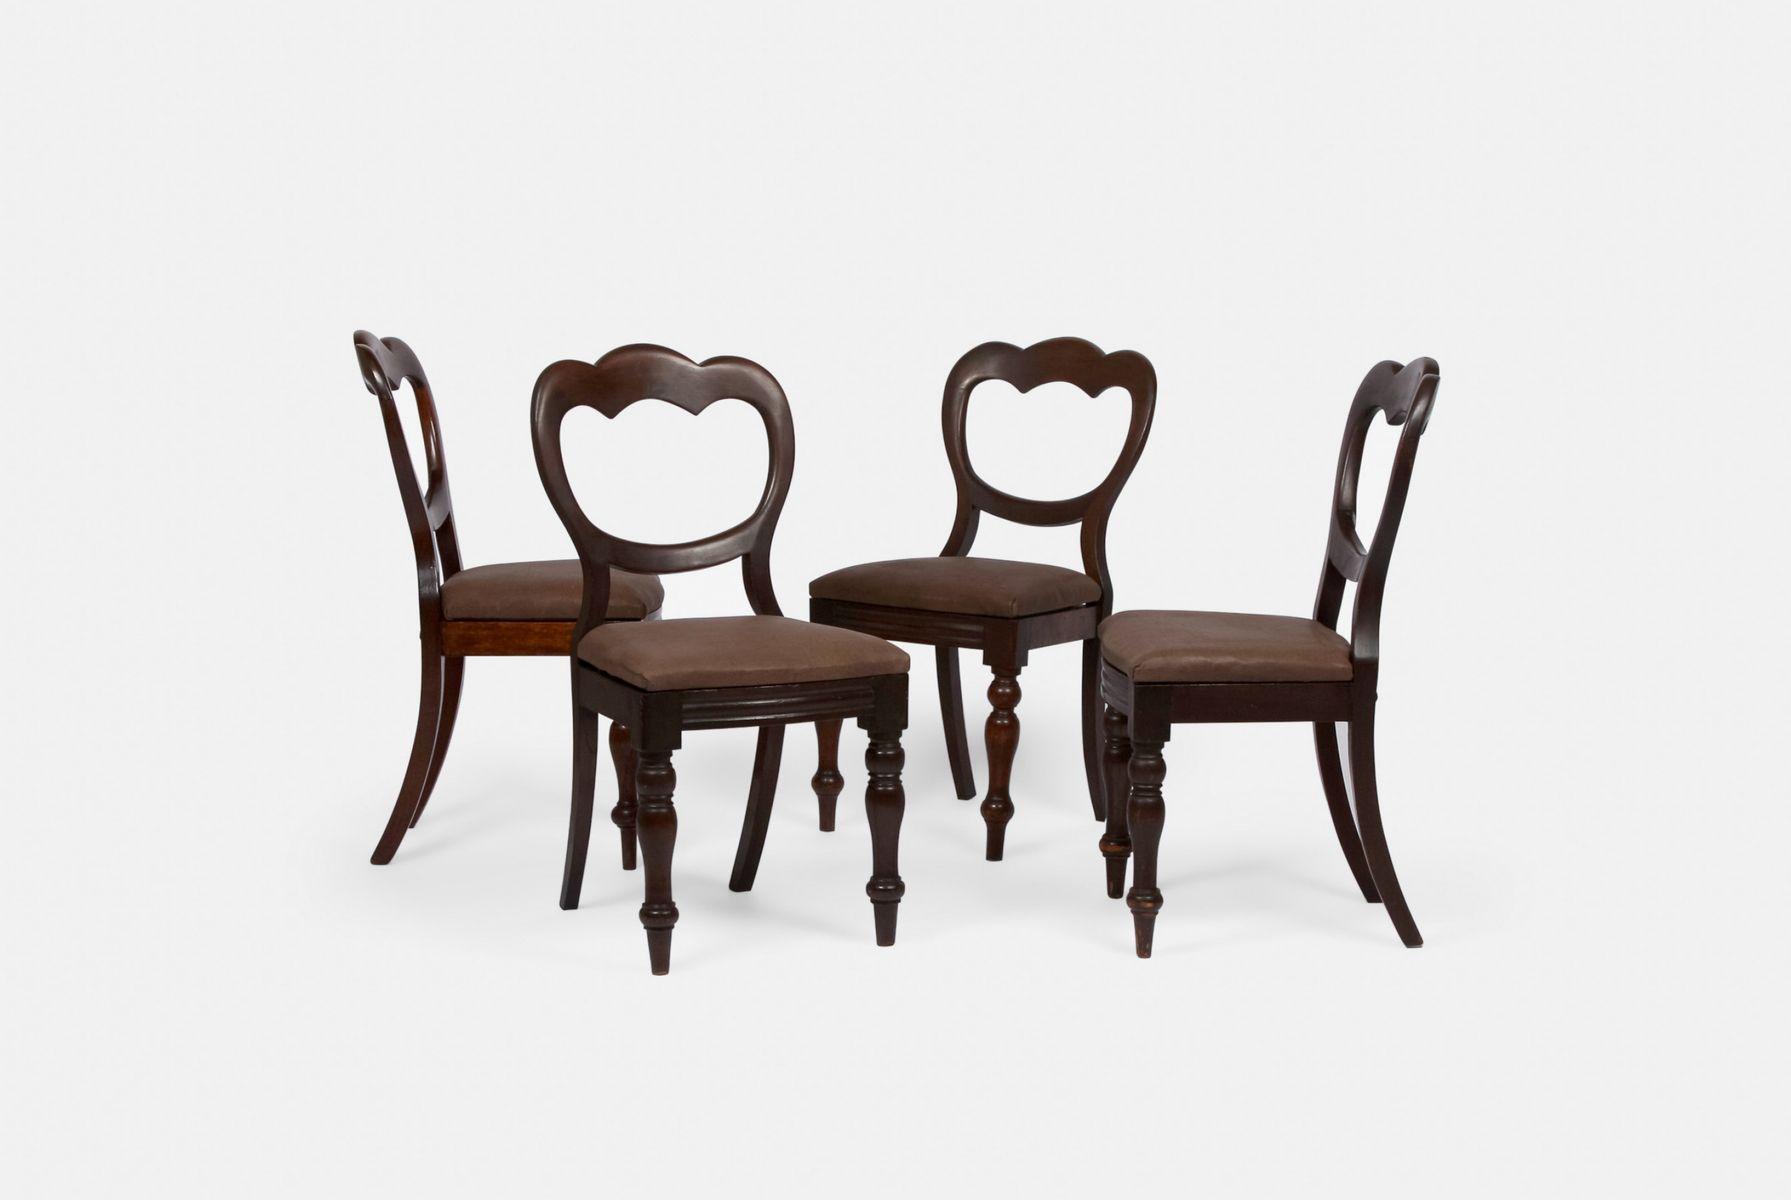 Sillas de comedor antiguas con asientos de cuero marrón. Juego de 4 ...